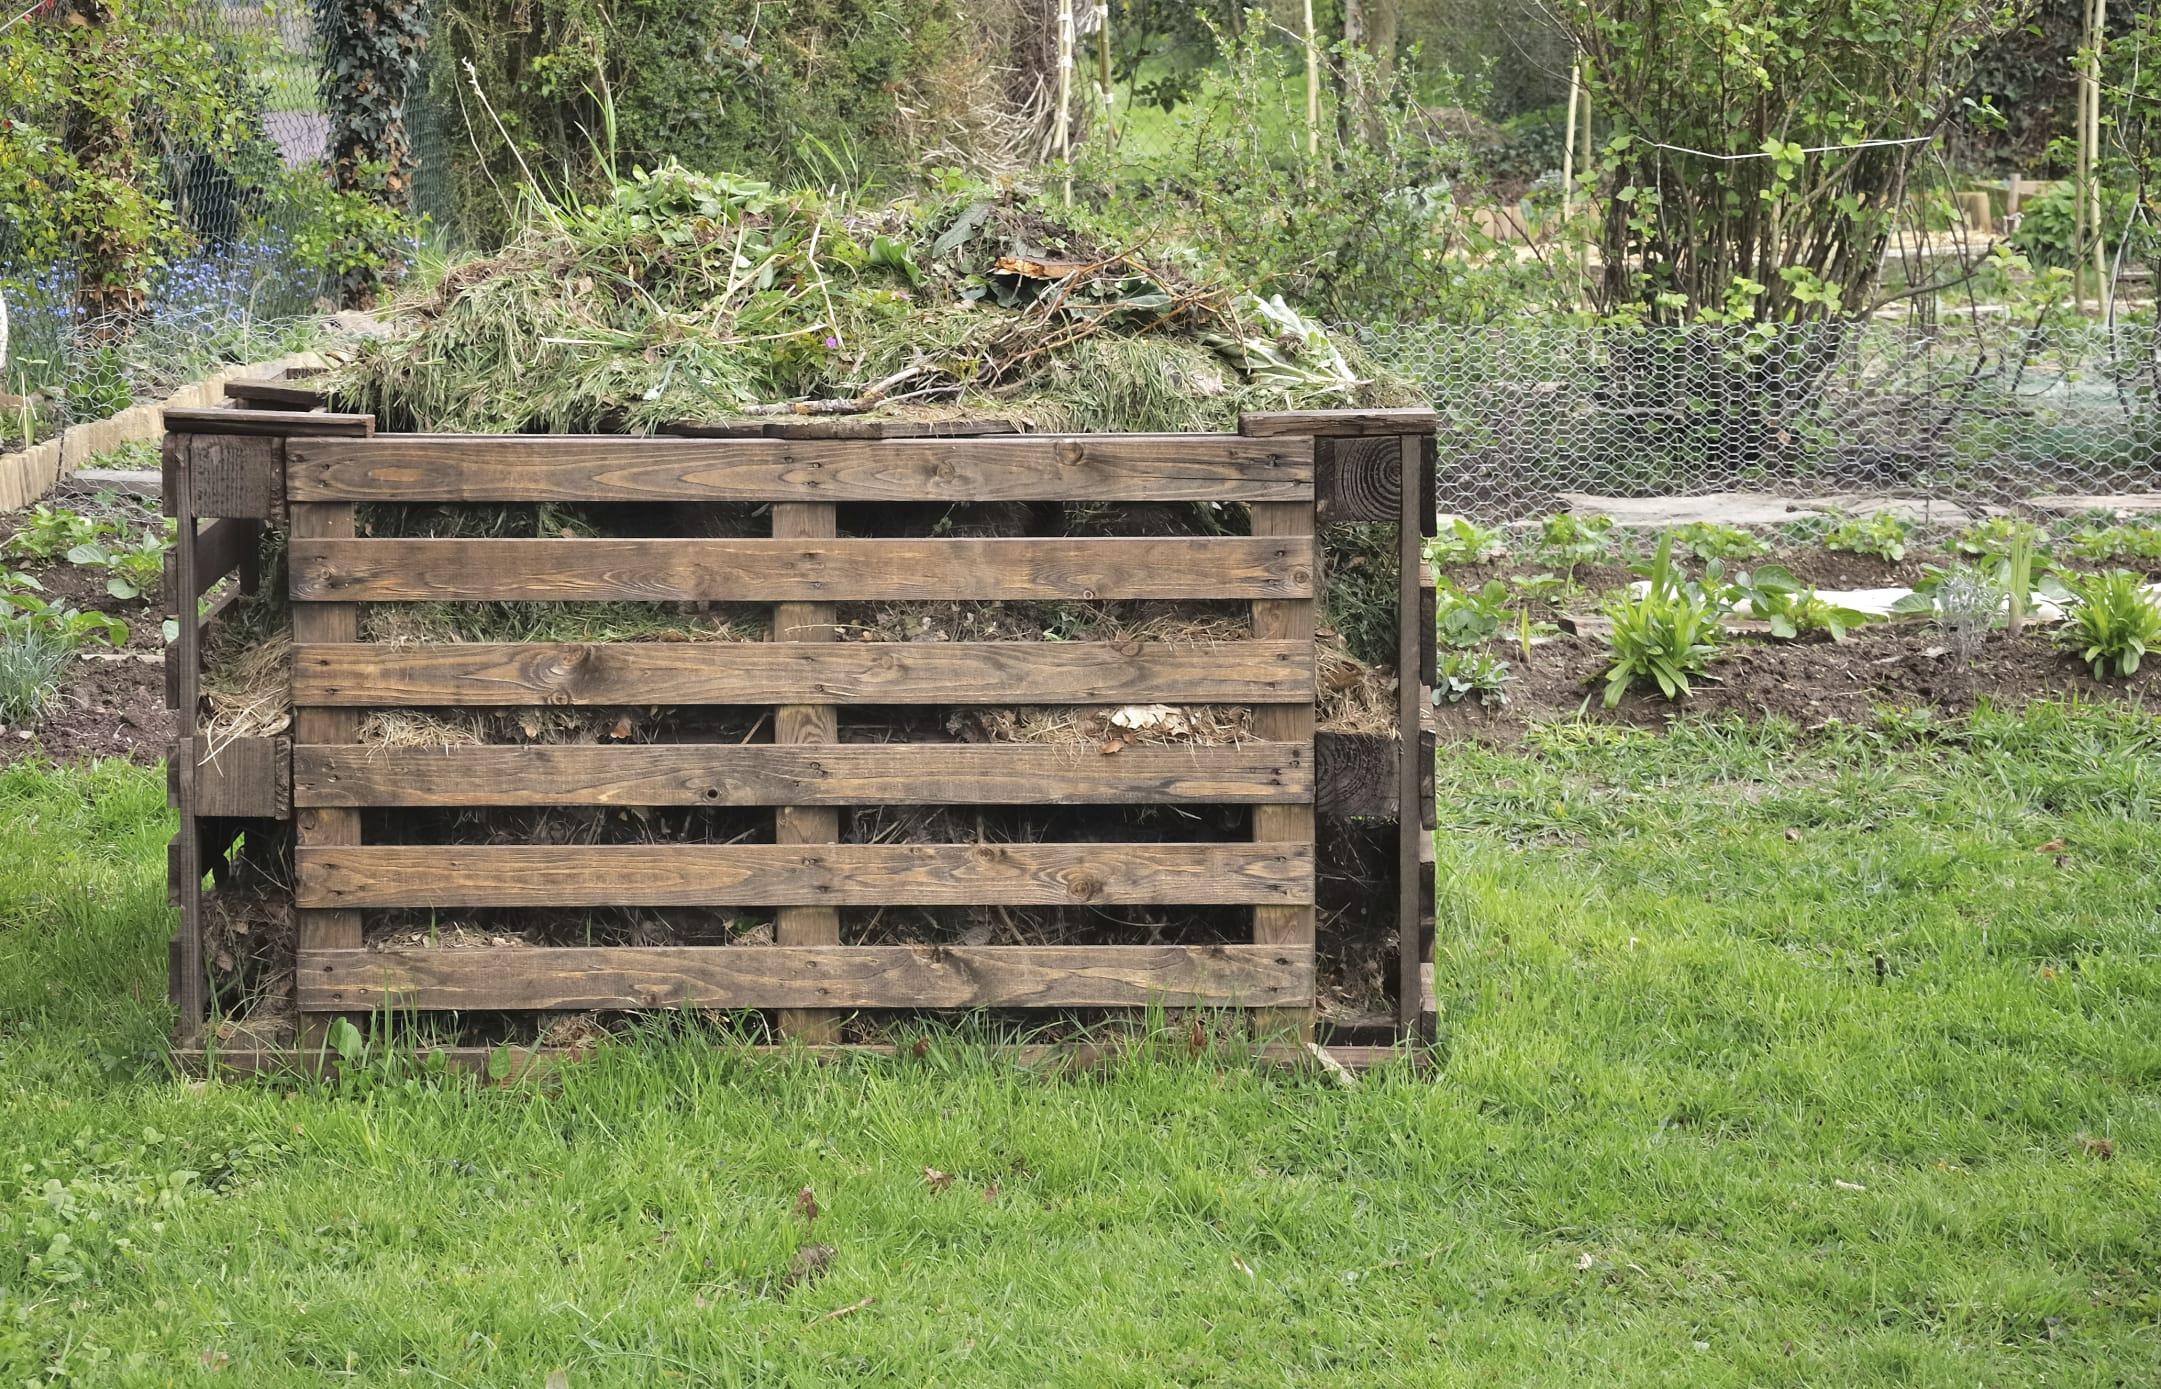 come costruire una compostiera da giardino anche con i